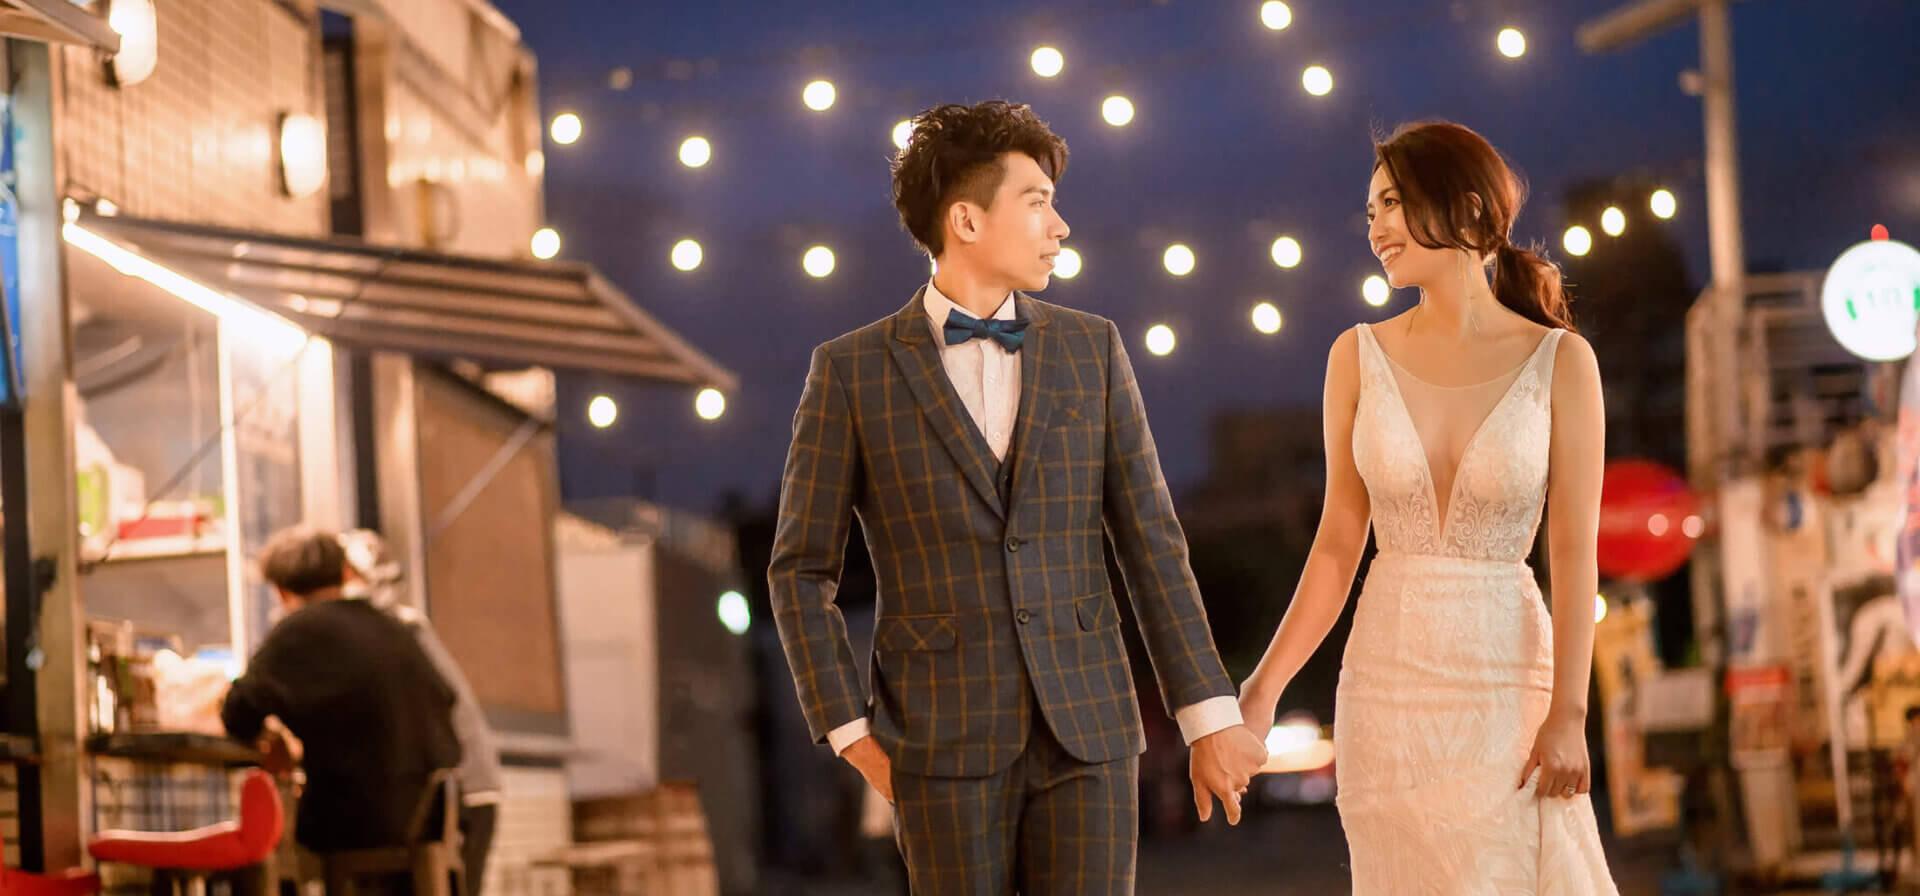 標籤:婚禮攝影